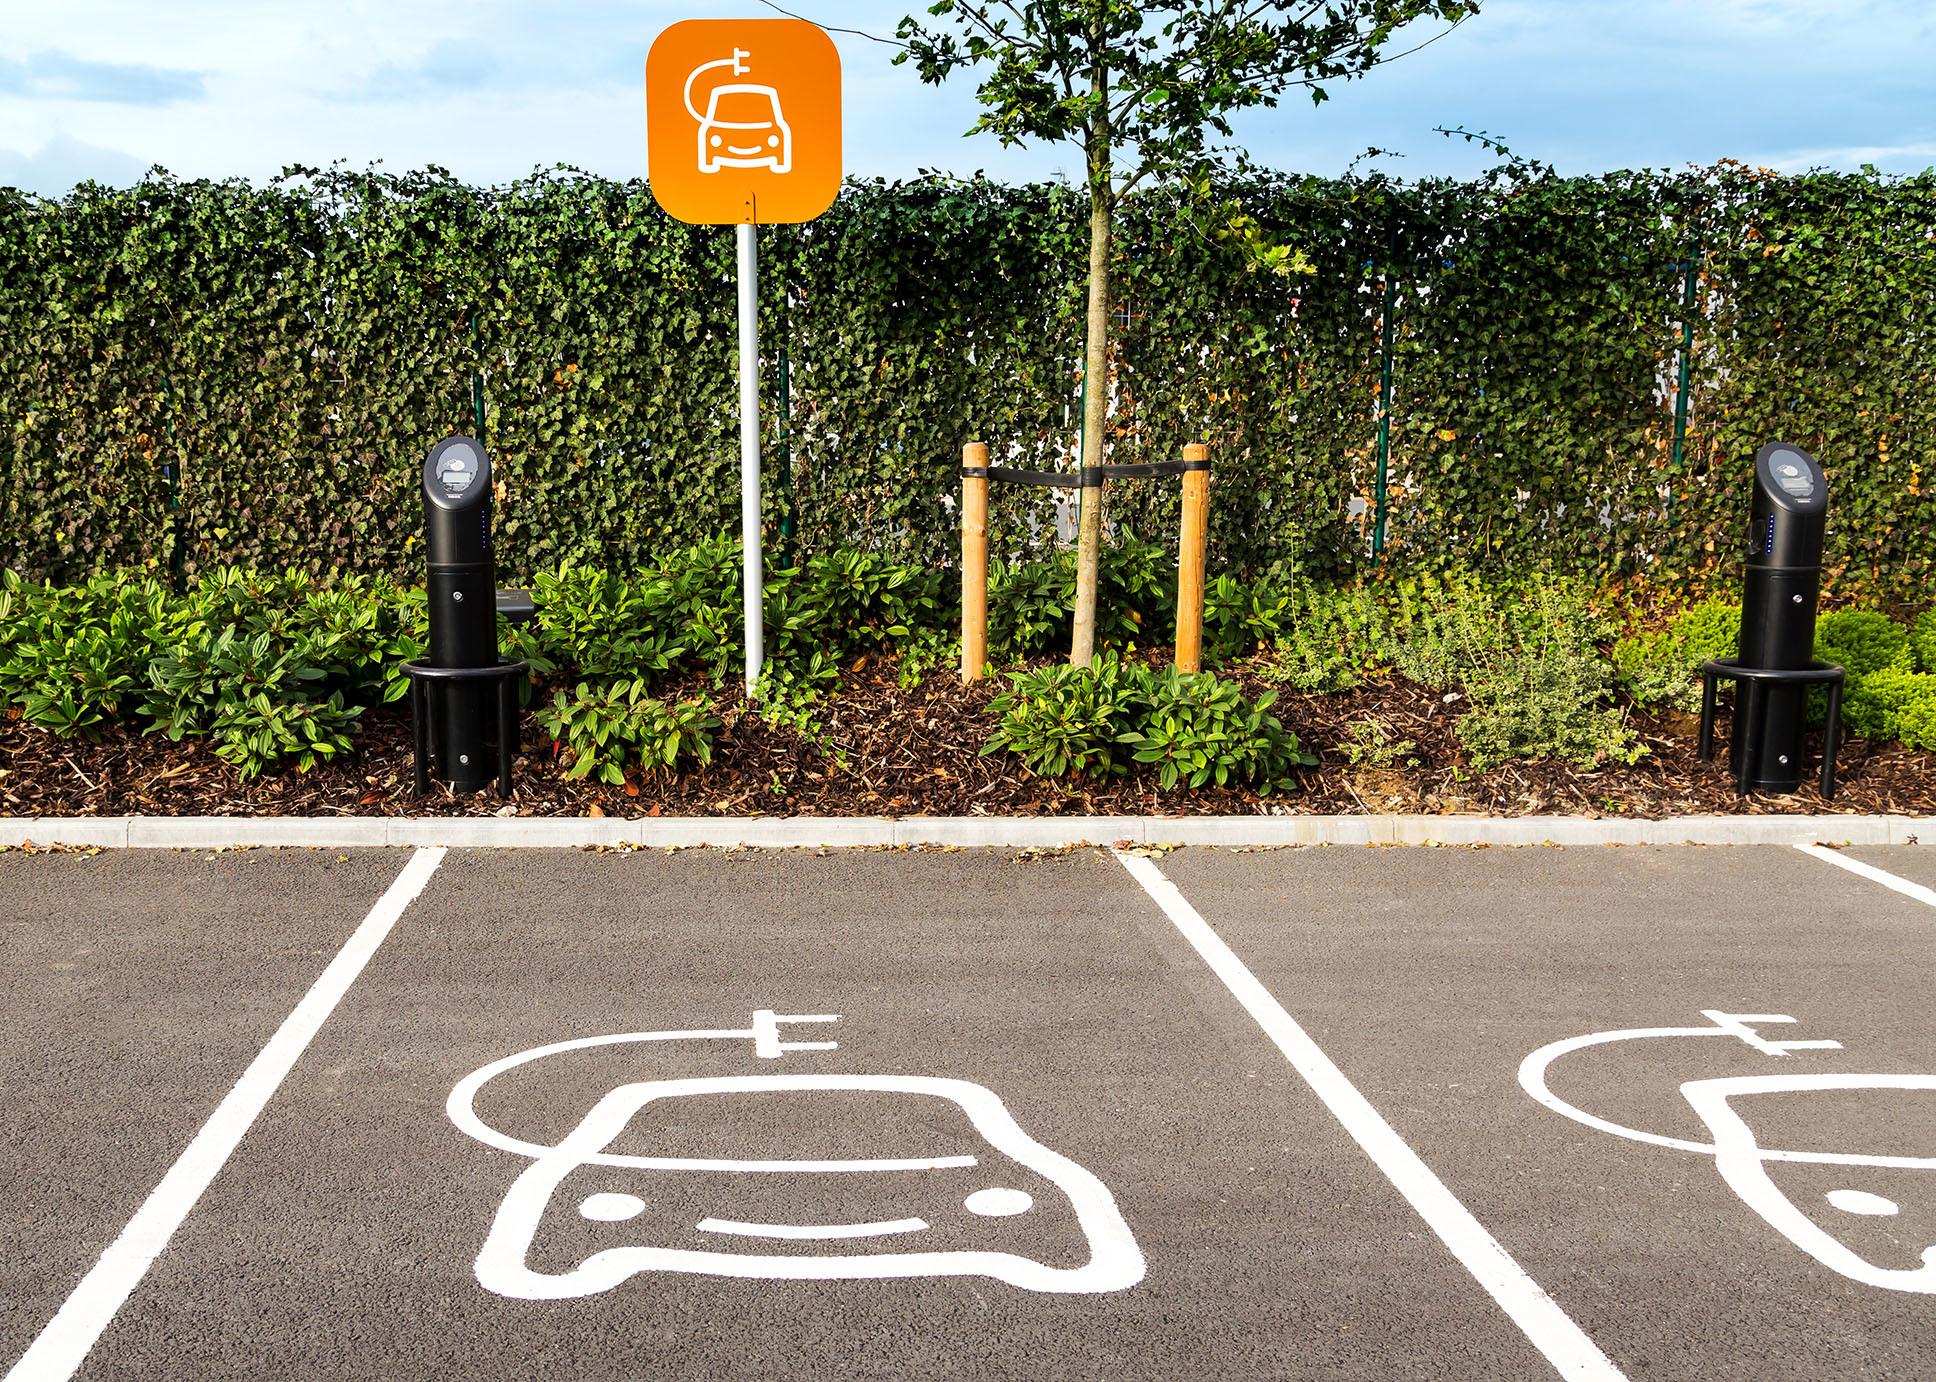 La movilidad eléctrica es una de las patas sobre las que se sostiene la definición de 'smart city'.